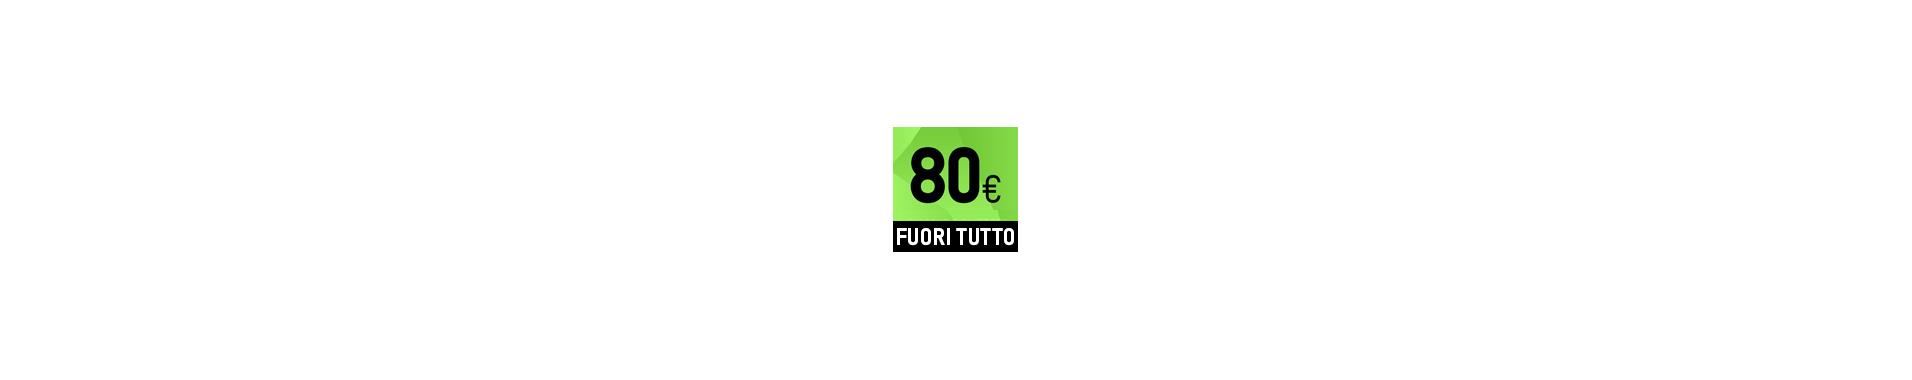 Fuori tutto giacche in tessuto per moto a 80 euro